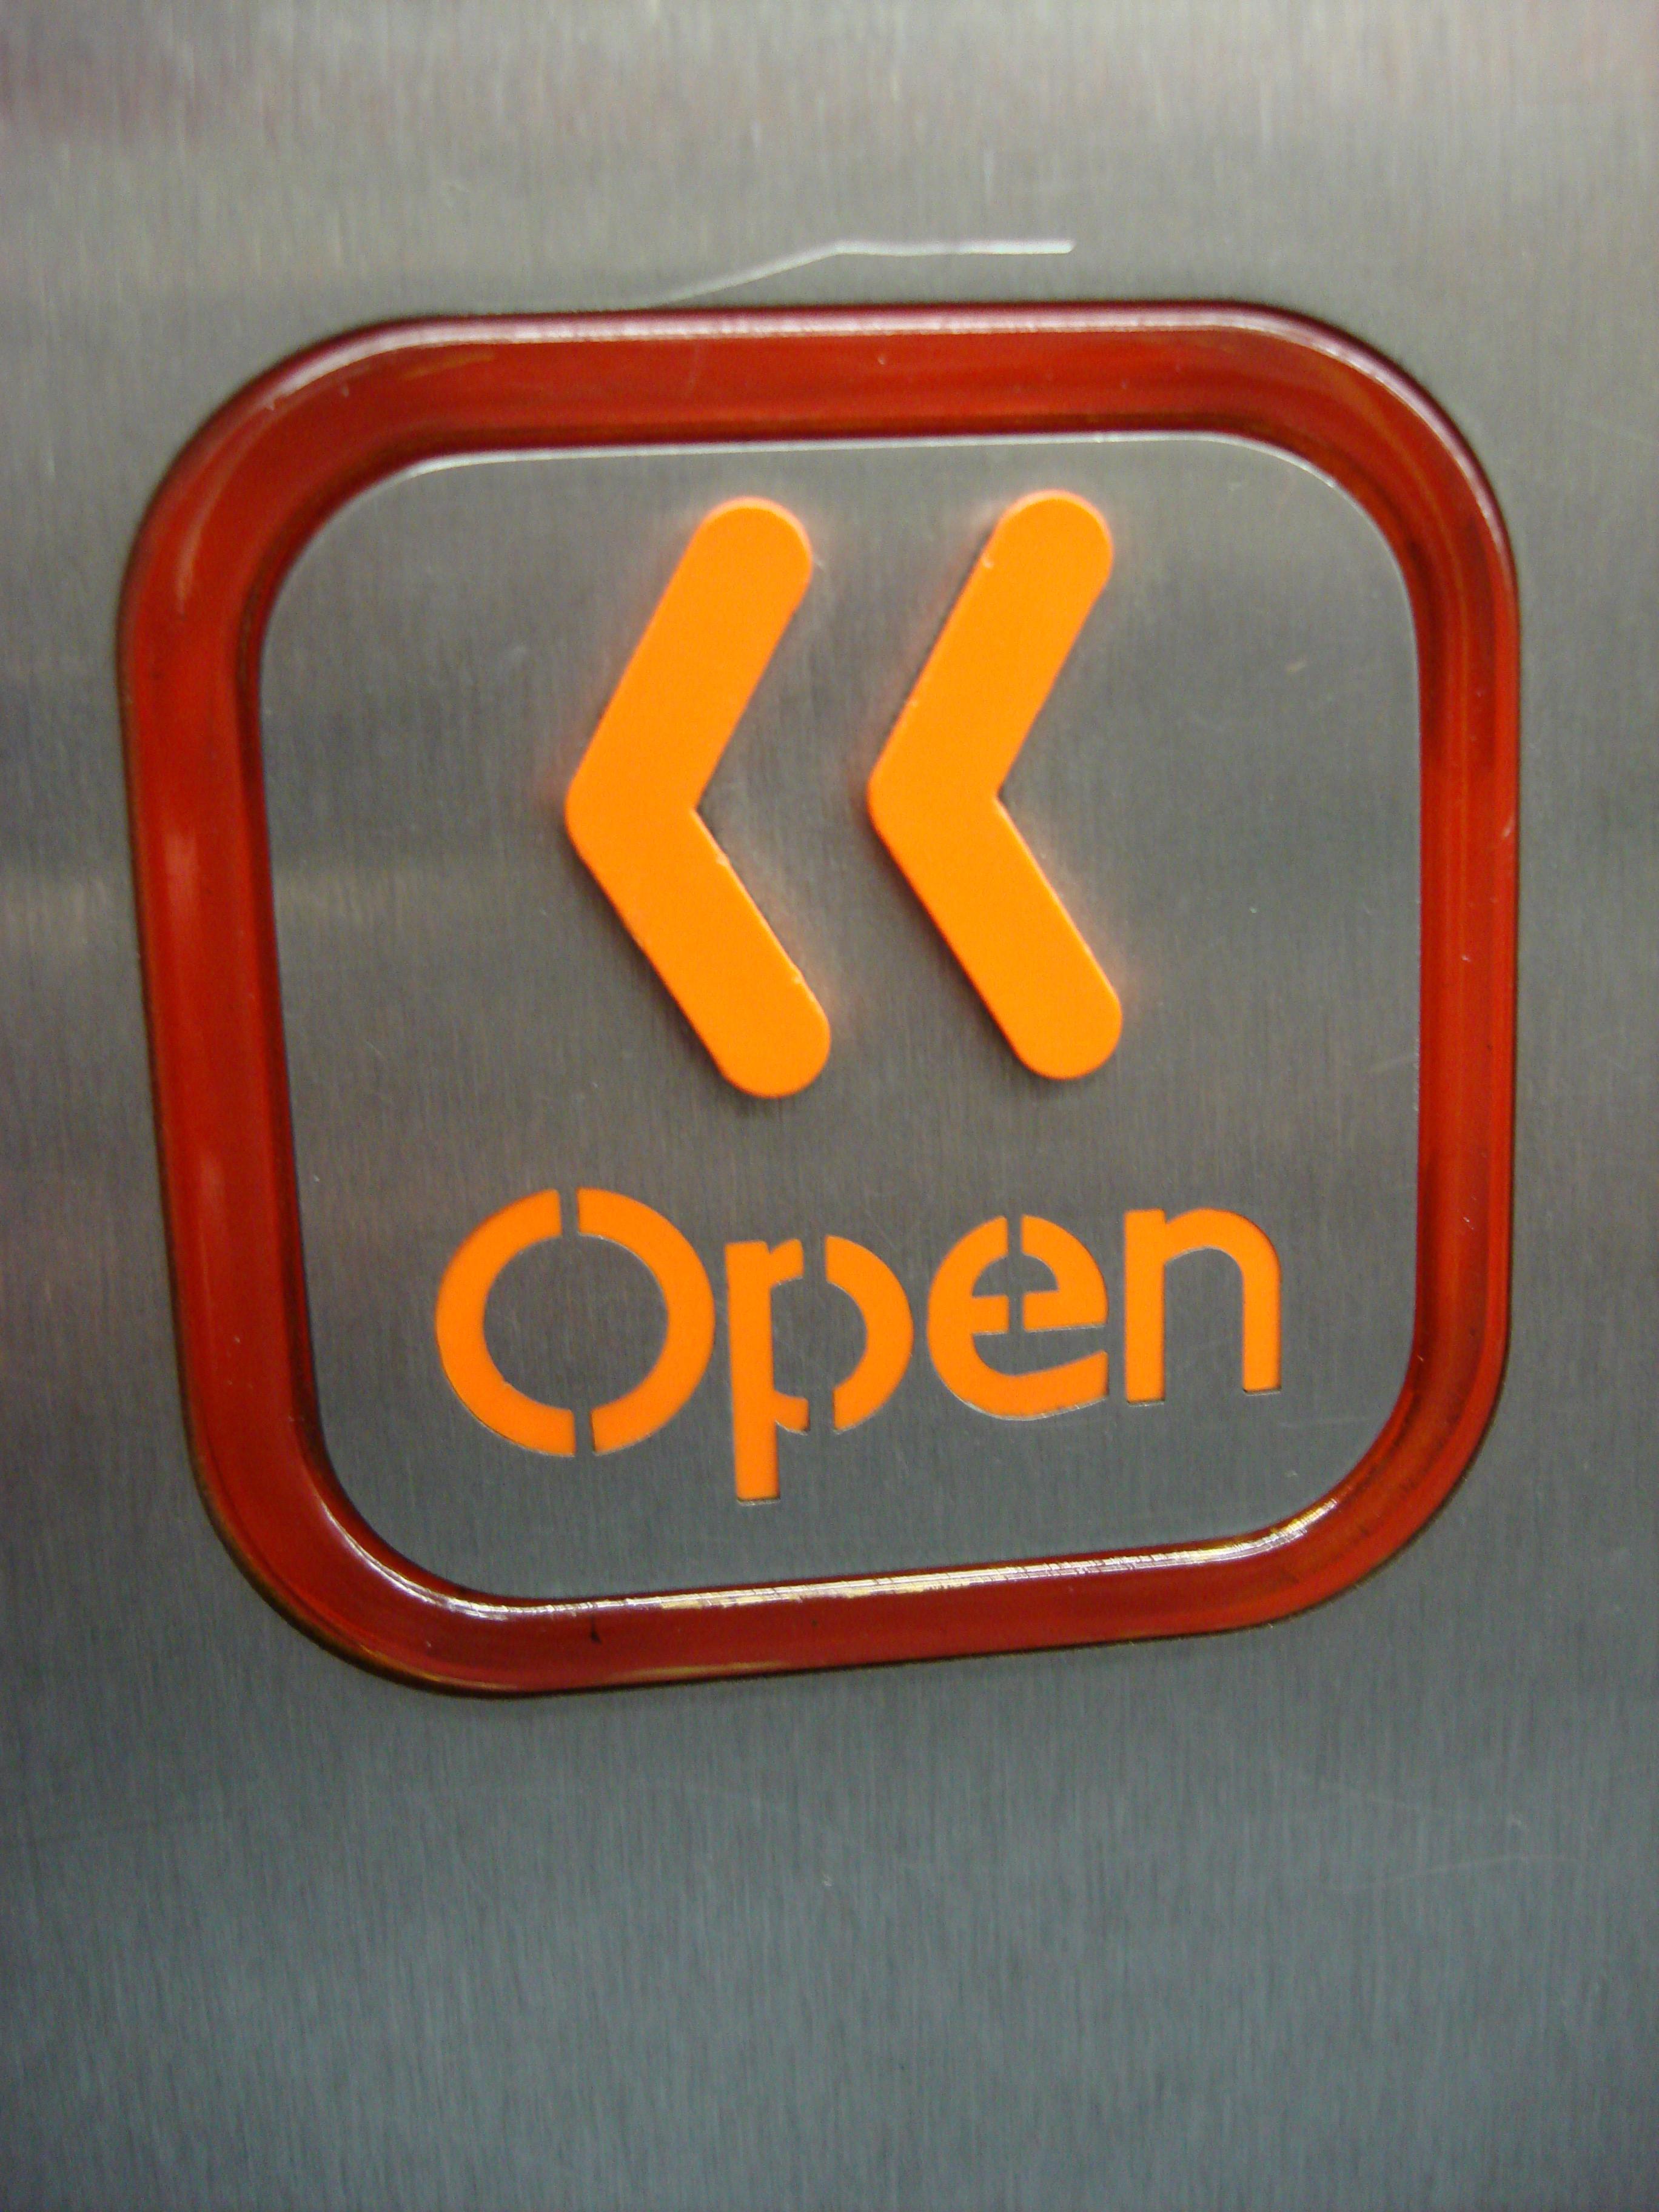 File:Open door button 1996 Stock.jpg & File:Open door button 1996 Stock.jpg - Wikimedia Commons Pezcame.Com